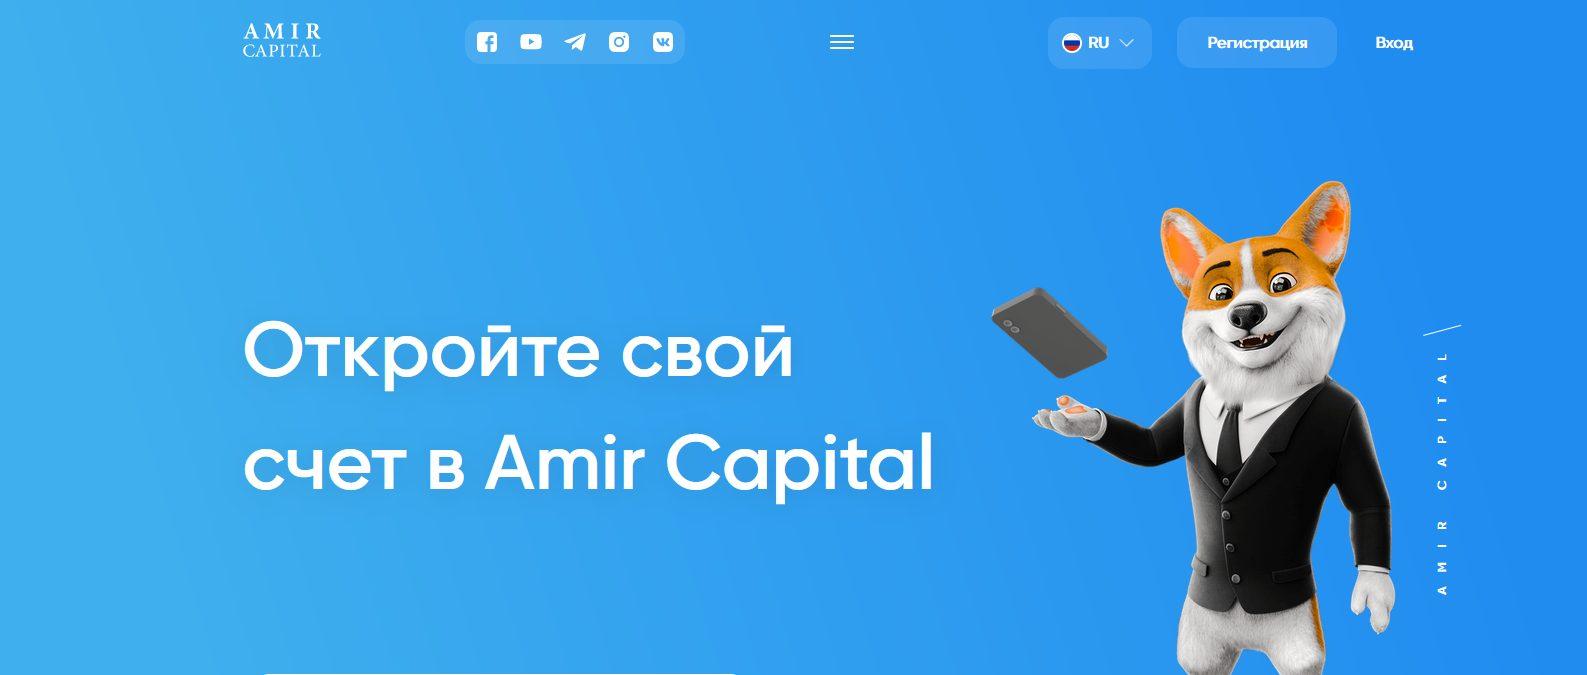 Собственный сайт – amir.capital